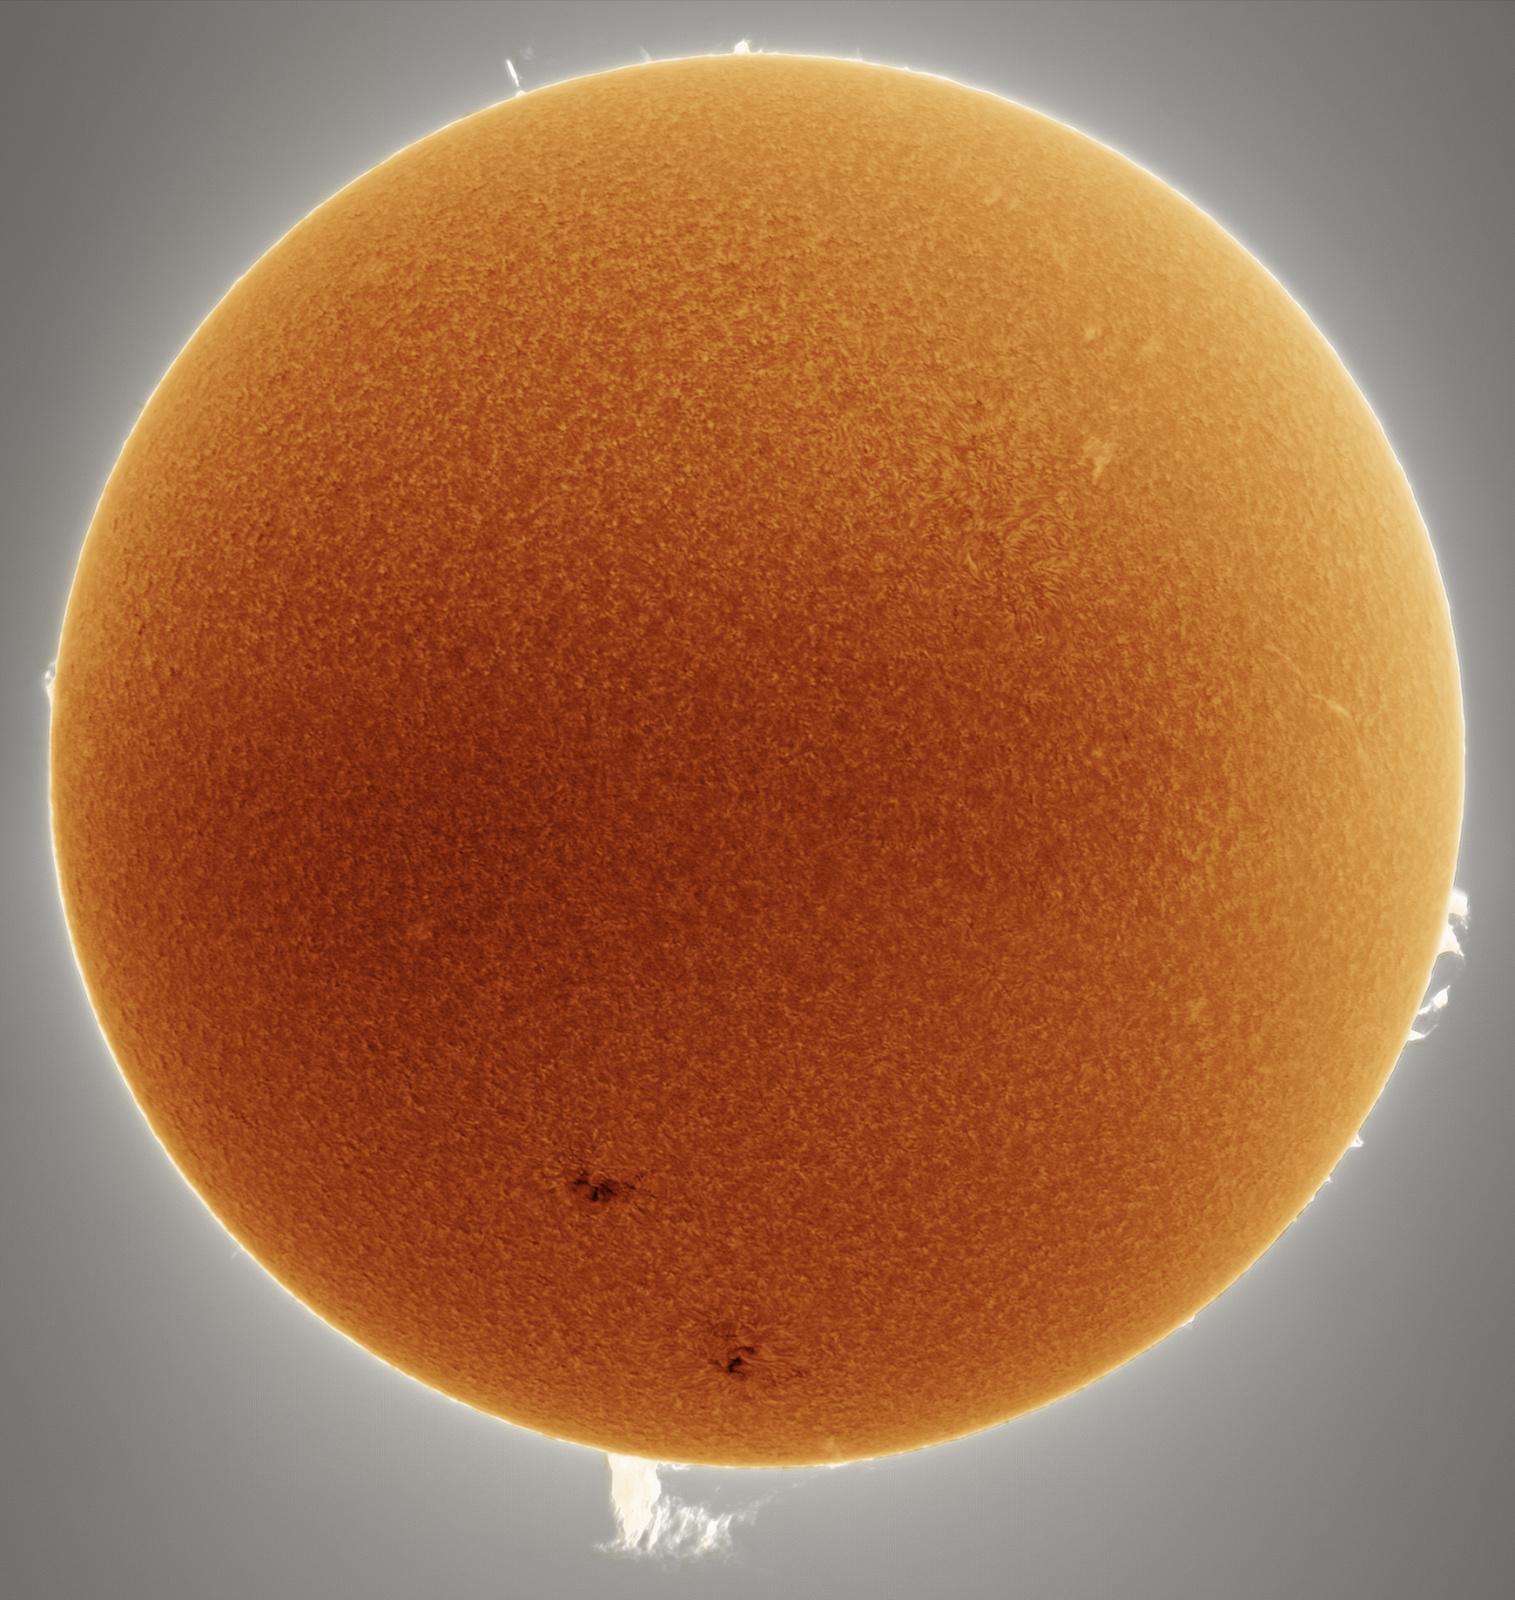 sun.thumb.jpg.d03390c355ad8dc13f0694d9b21f3f00.jpg